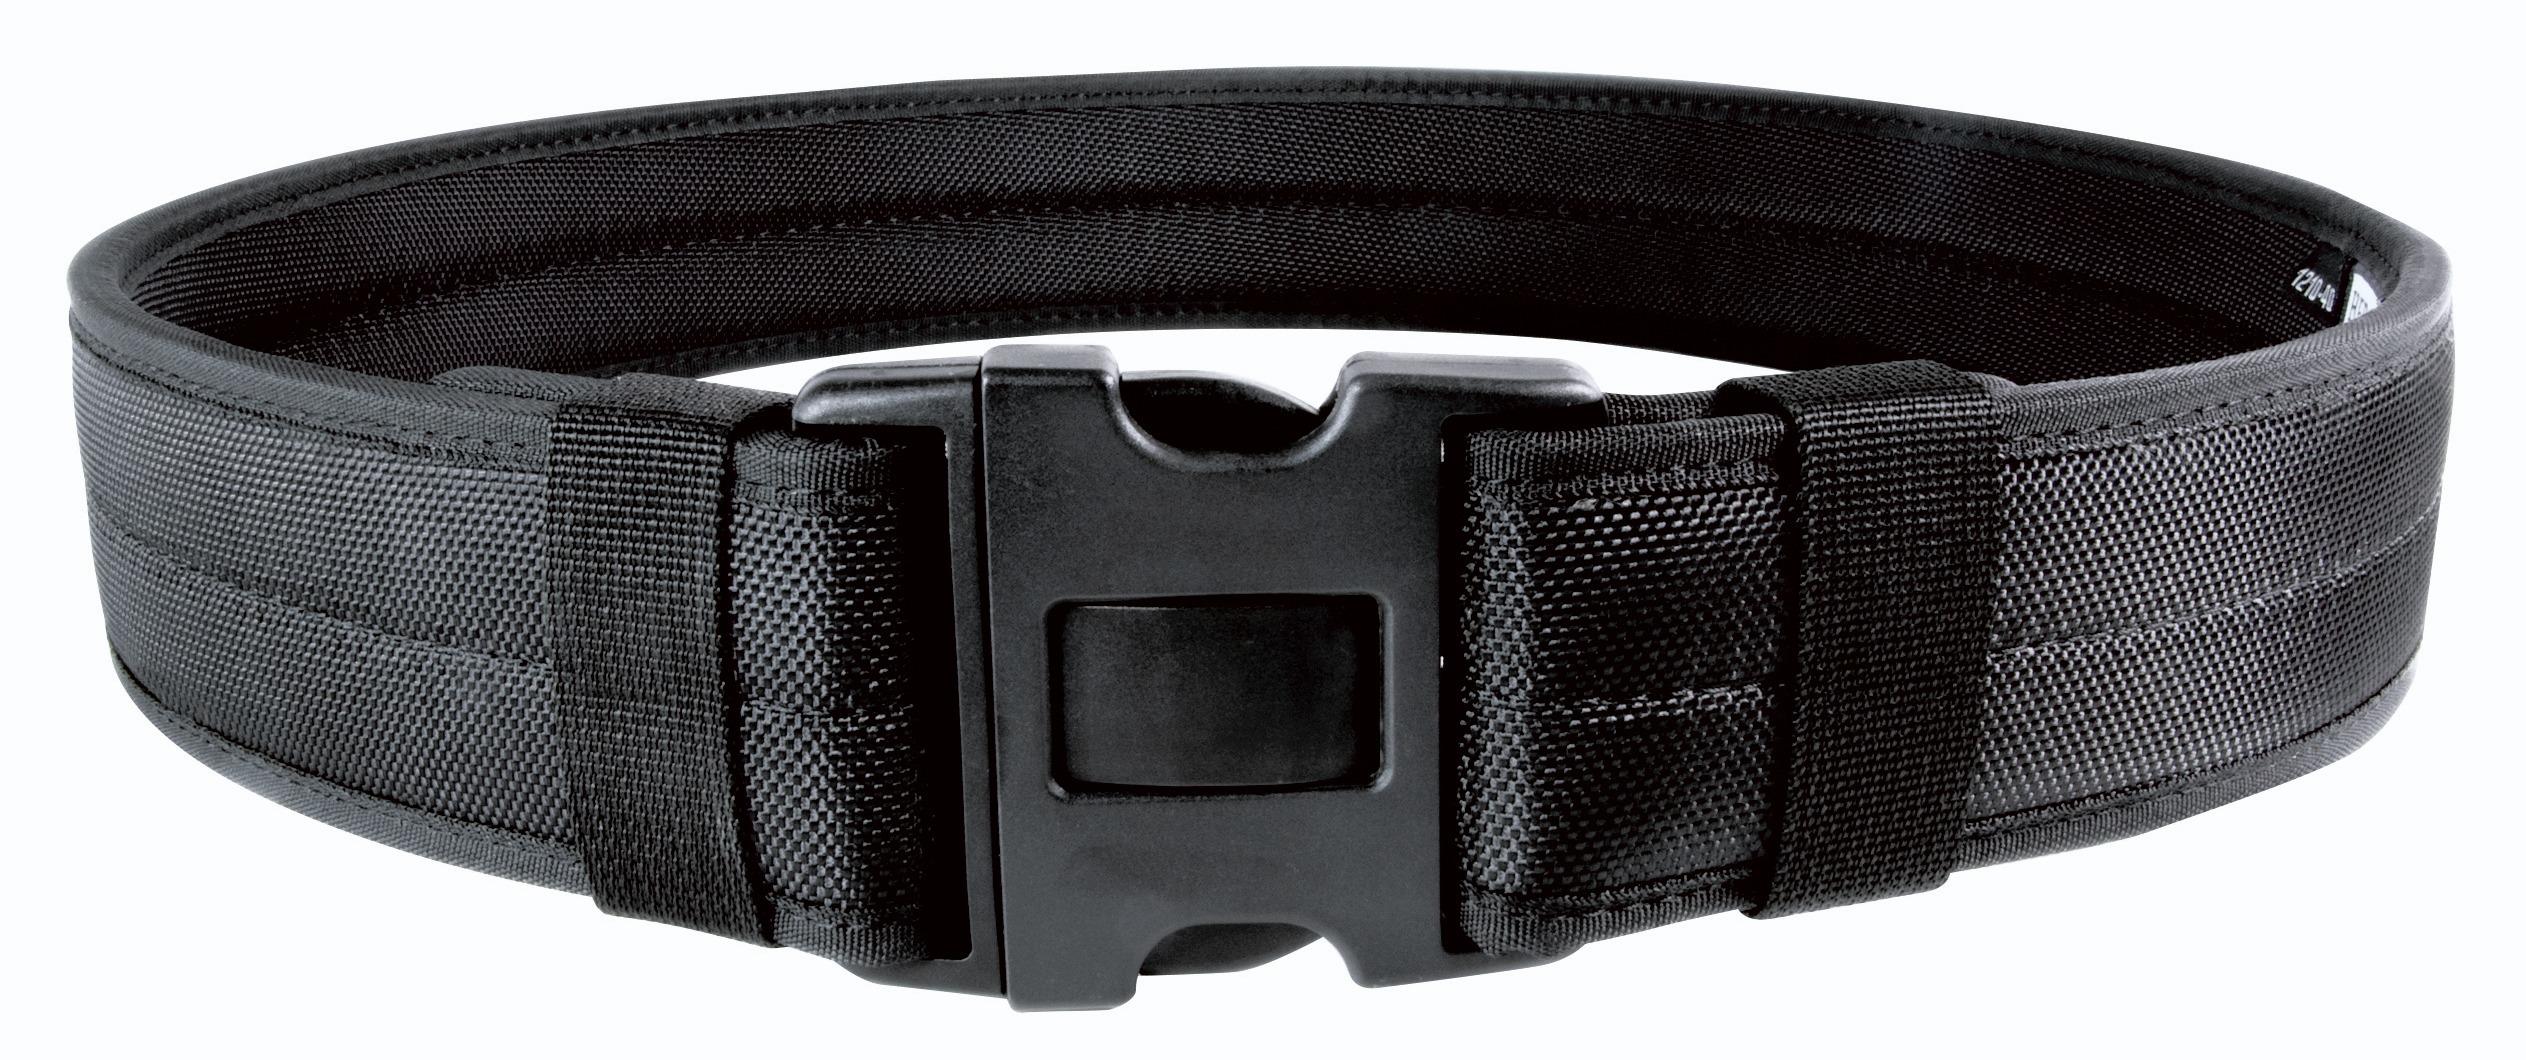 """2-1/4""""Deluxe Duty Belt - Rigid"""